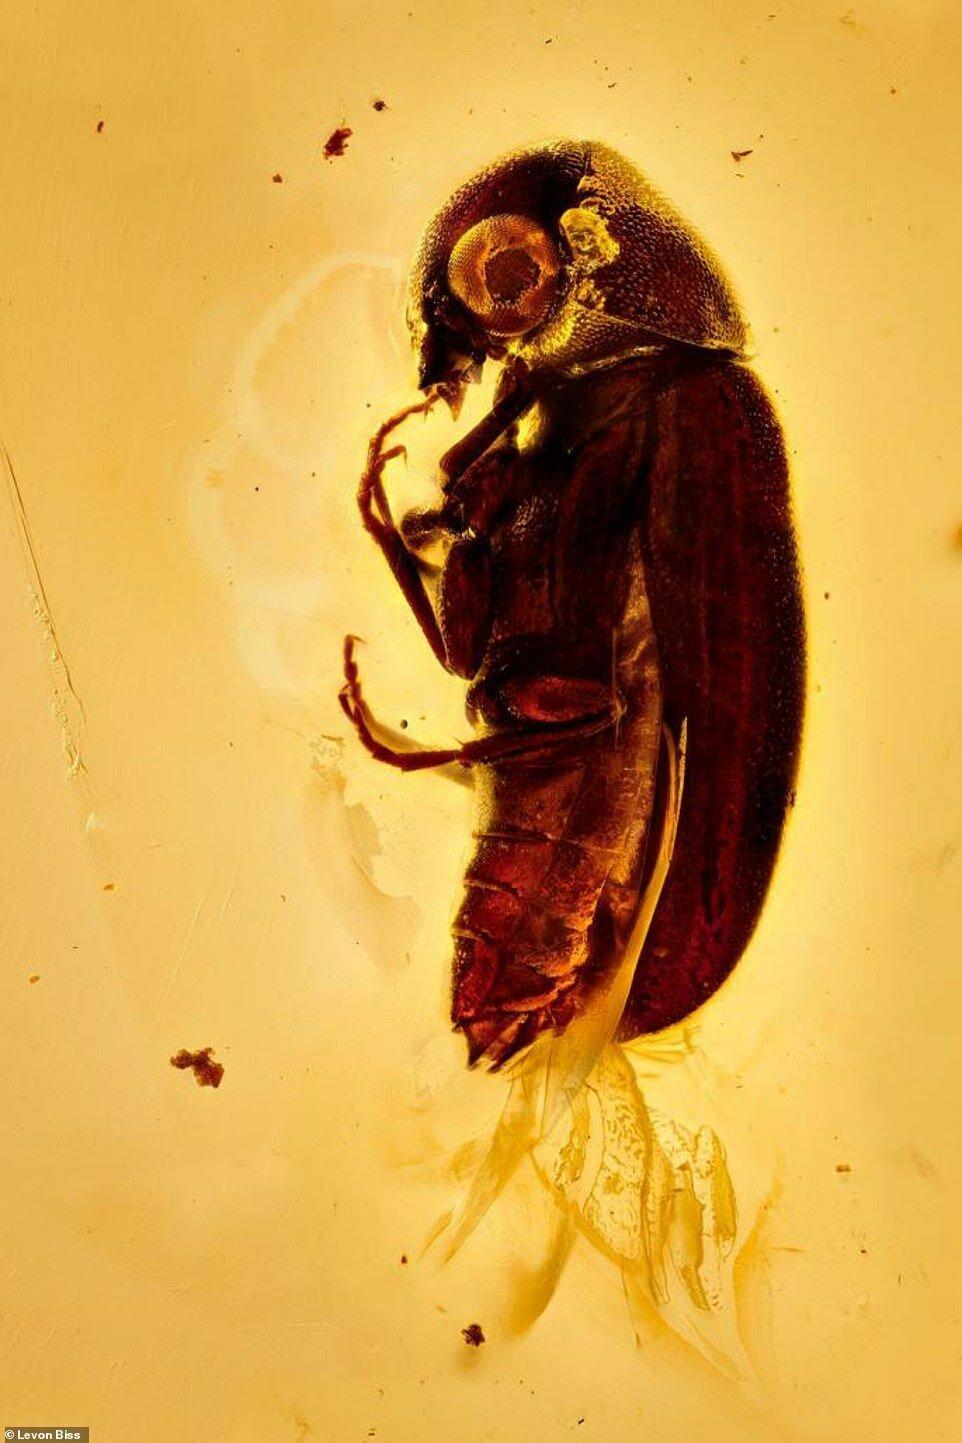 Потрясающие макроснимки древних насекомых в янтаре (4)